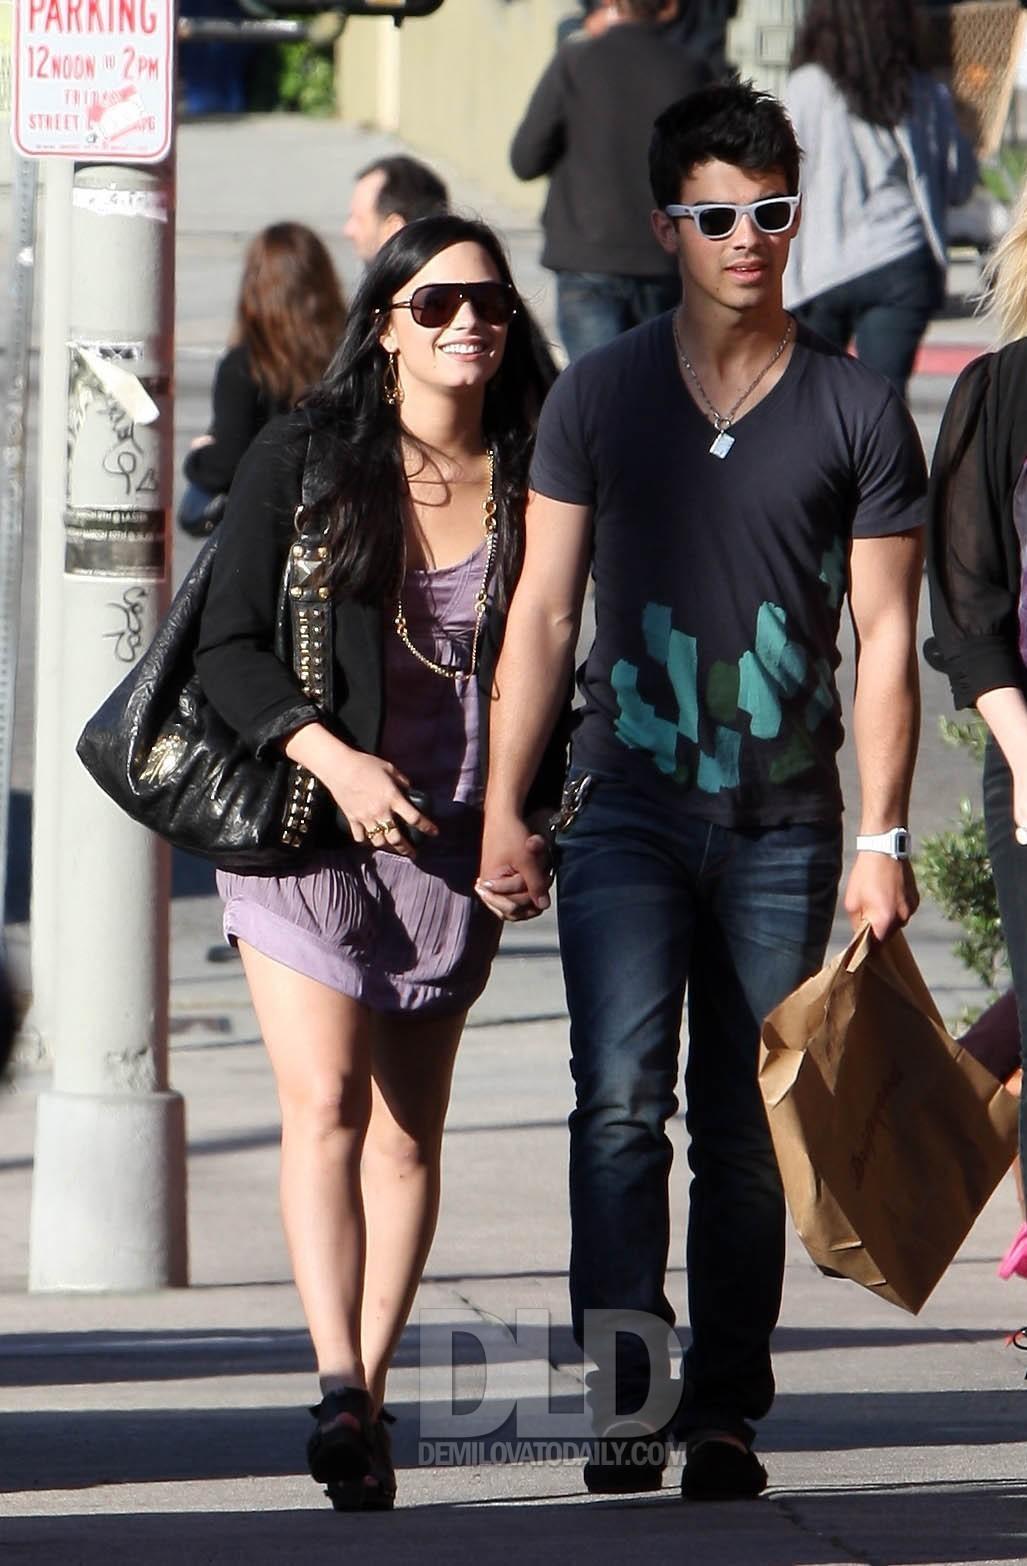 Photos Demi Lovato And Joe Jonas Photo 11419498 Fanpop